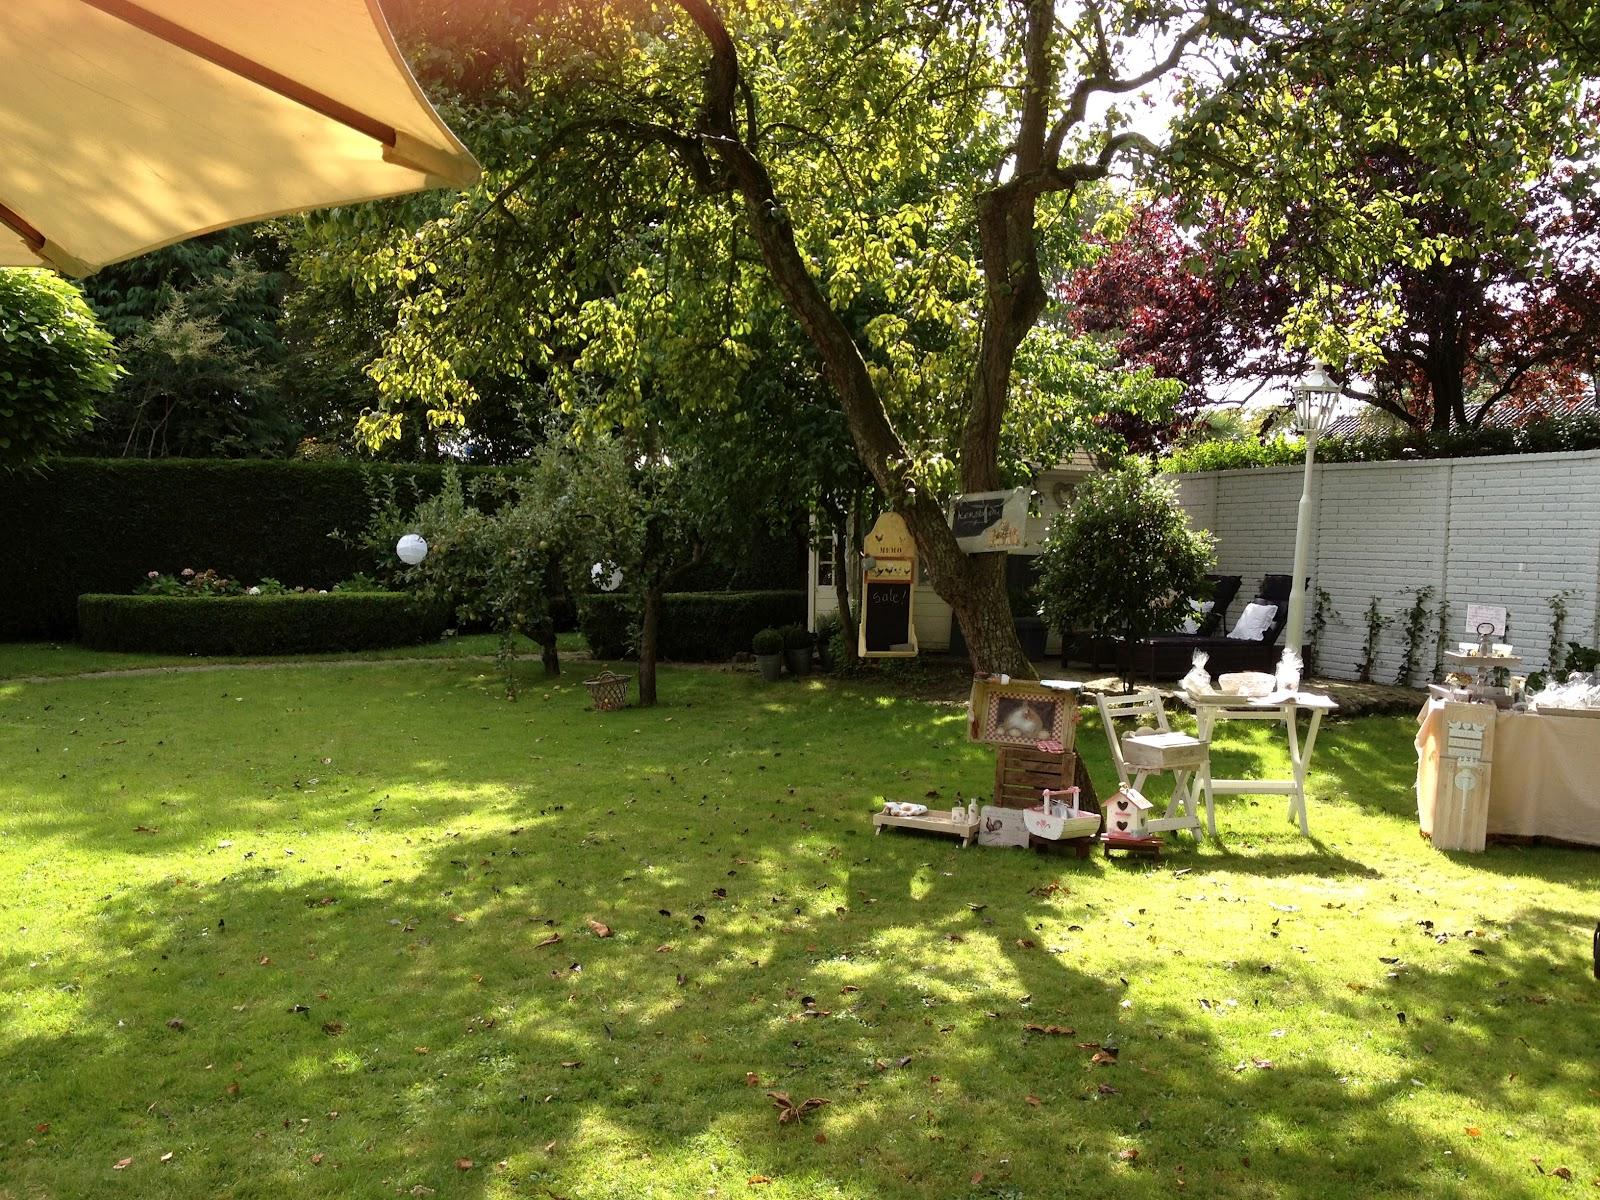 Lavendel en papaver tuinfair - Hoe een heuvelachtige tuin te plannen ...